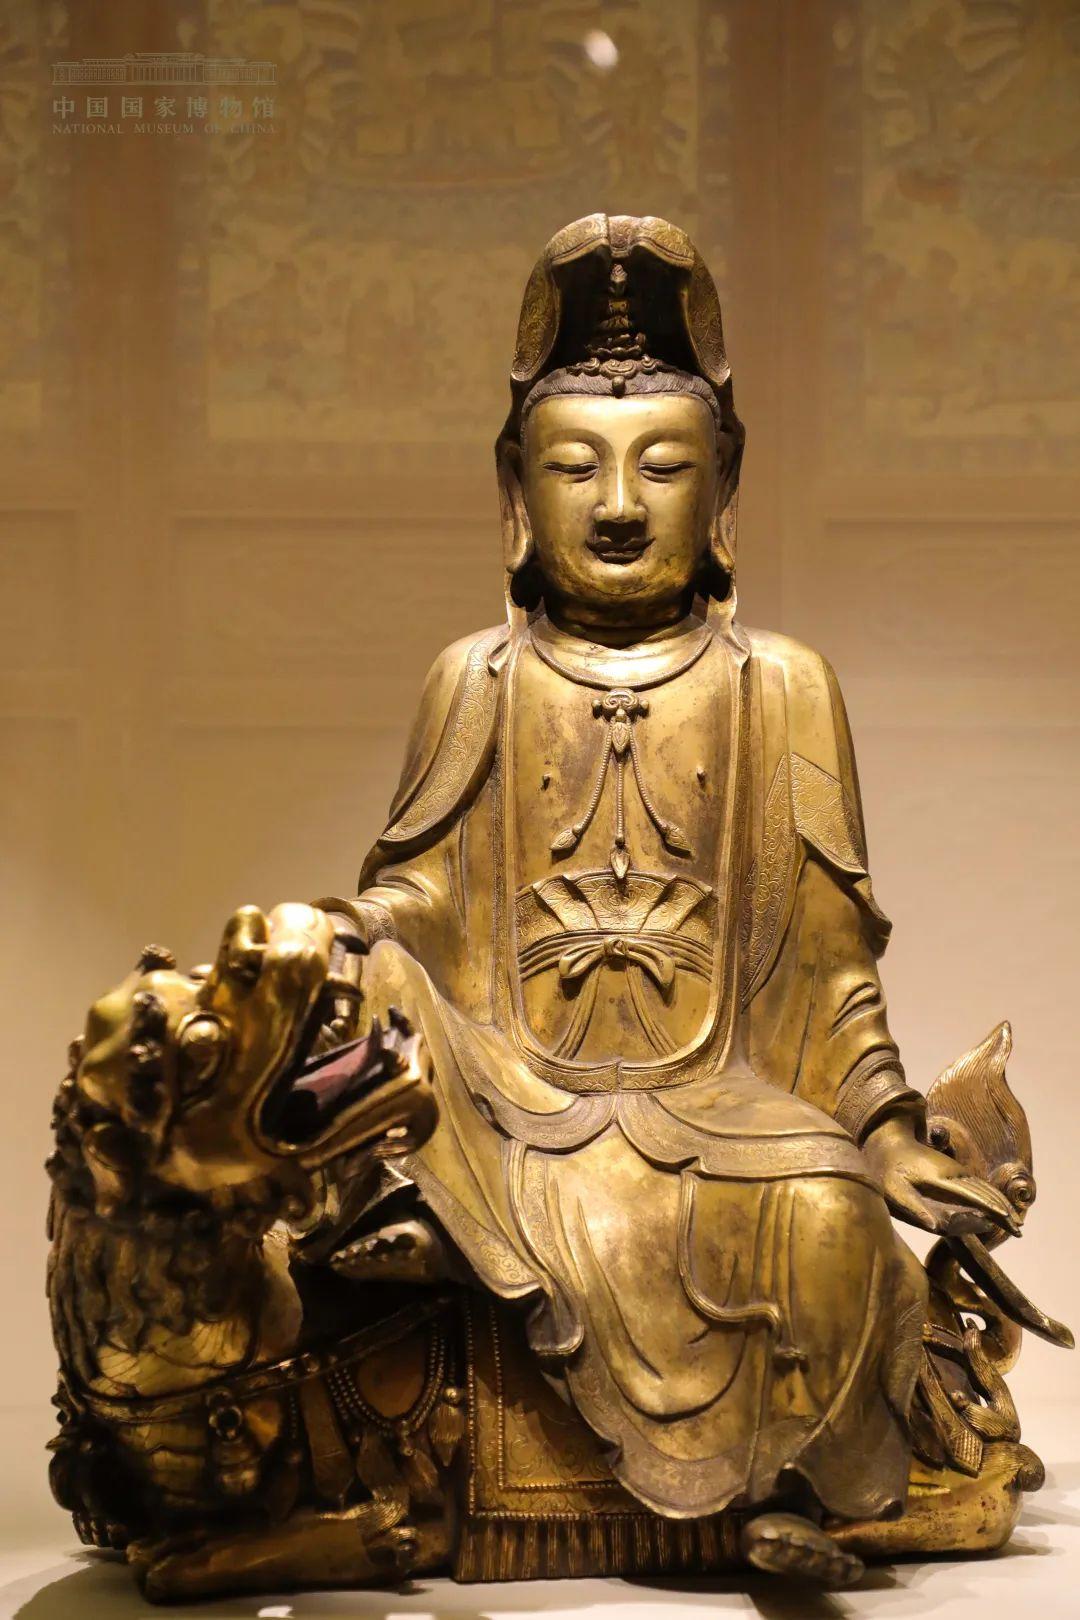 展出的佛造像文物